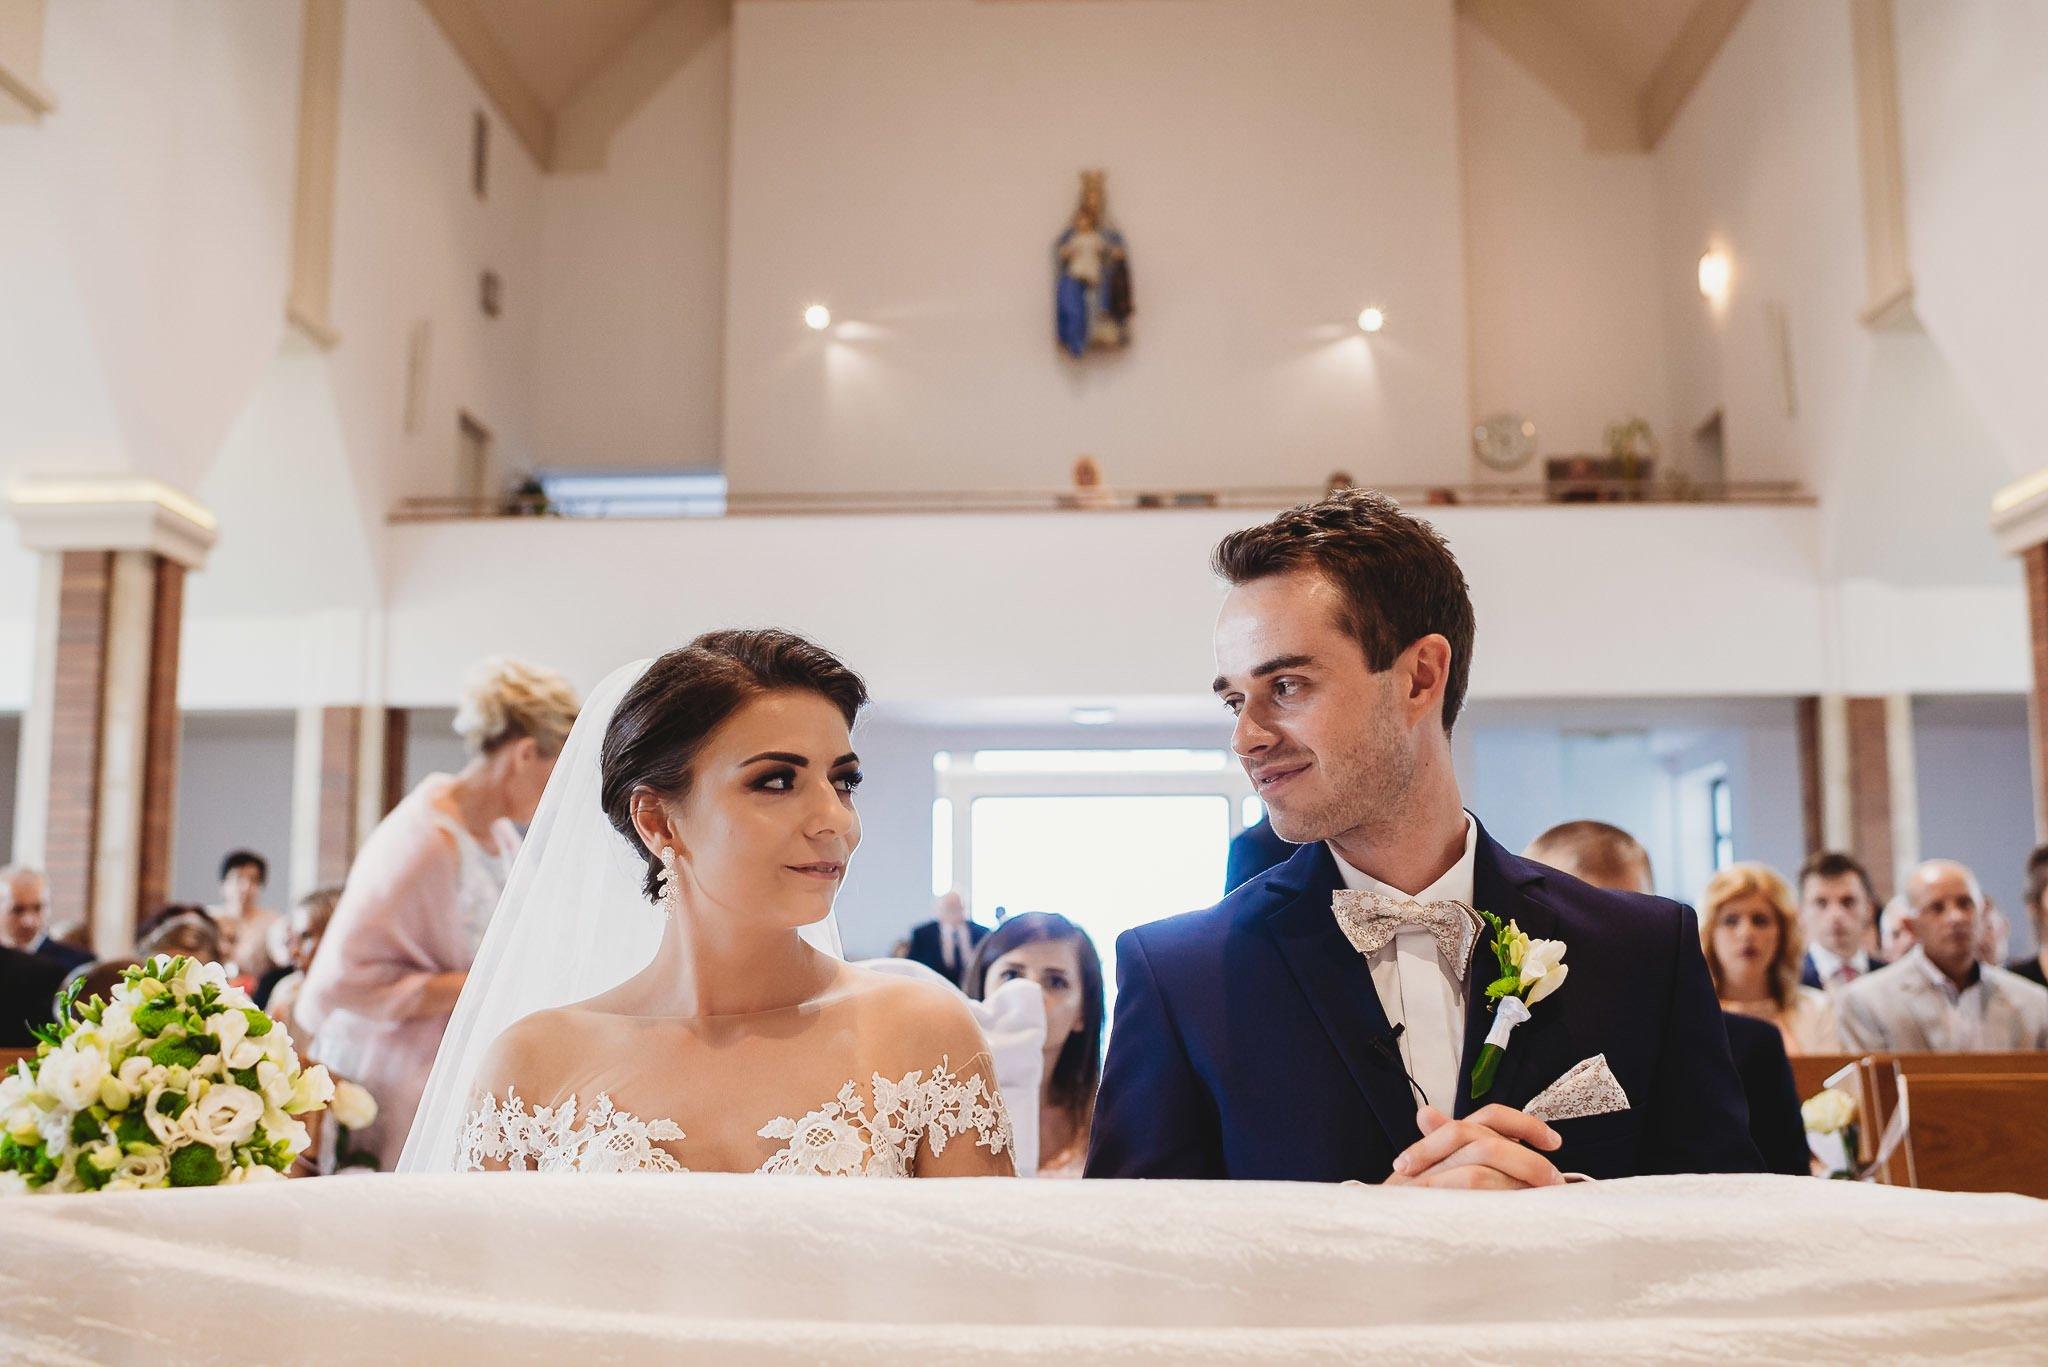 Angelika i Michał, piękne zdjęcia ślubne i sesja plenerowa w Gołuchowie 124